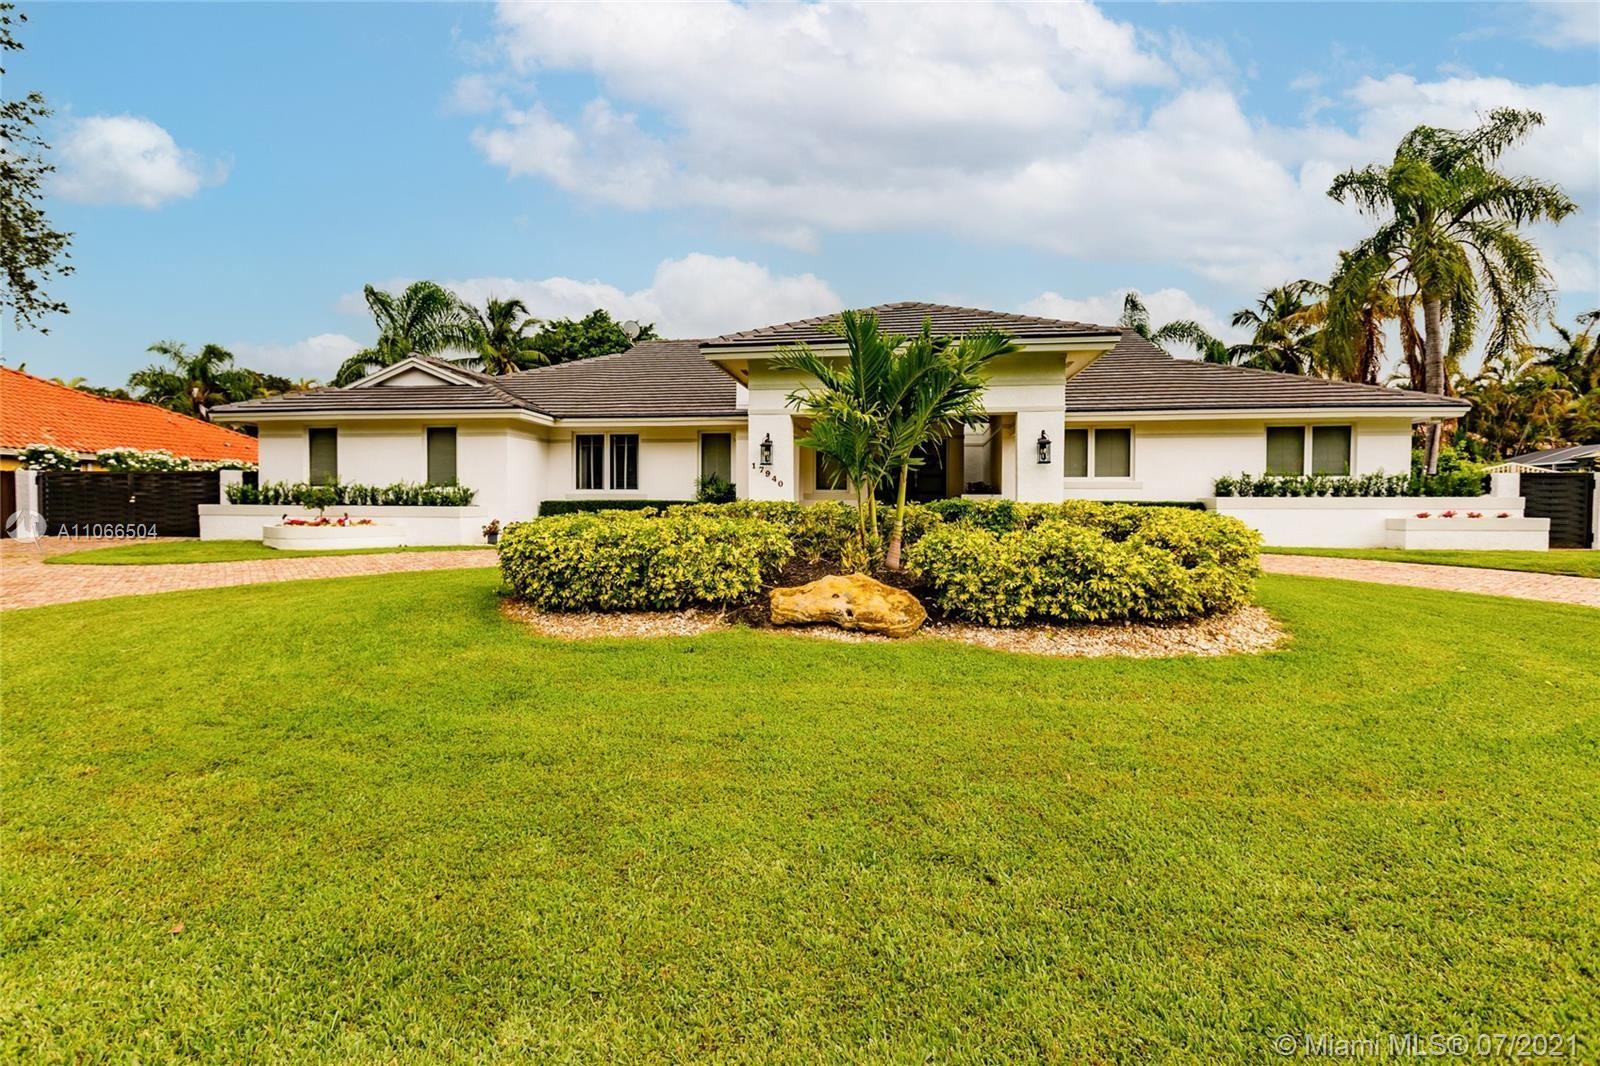 17940 SW 83rd Ave, Palmetto Bay, FL 33157 - #: A11066504